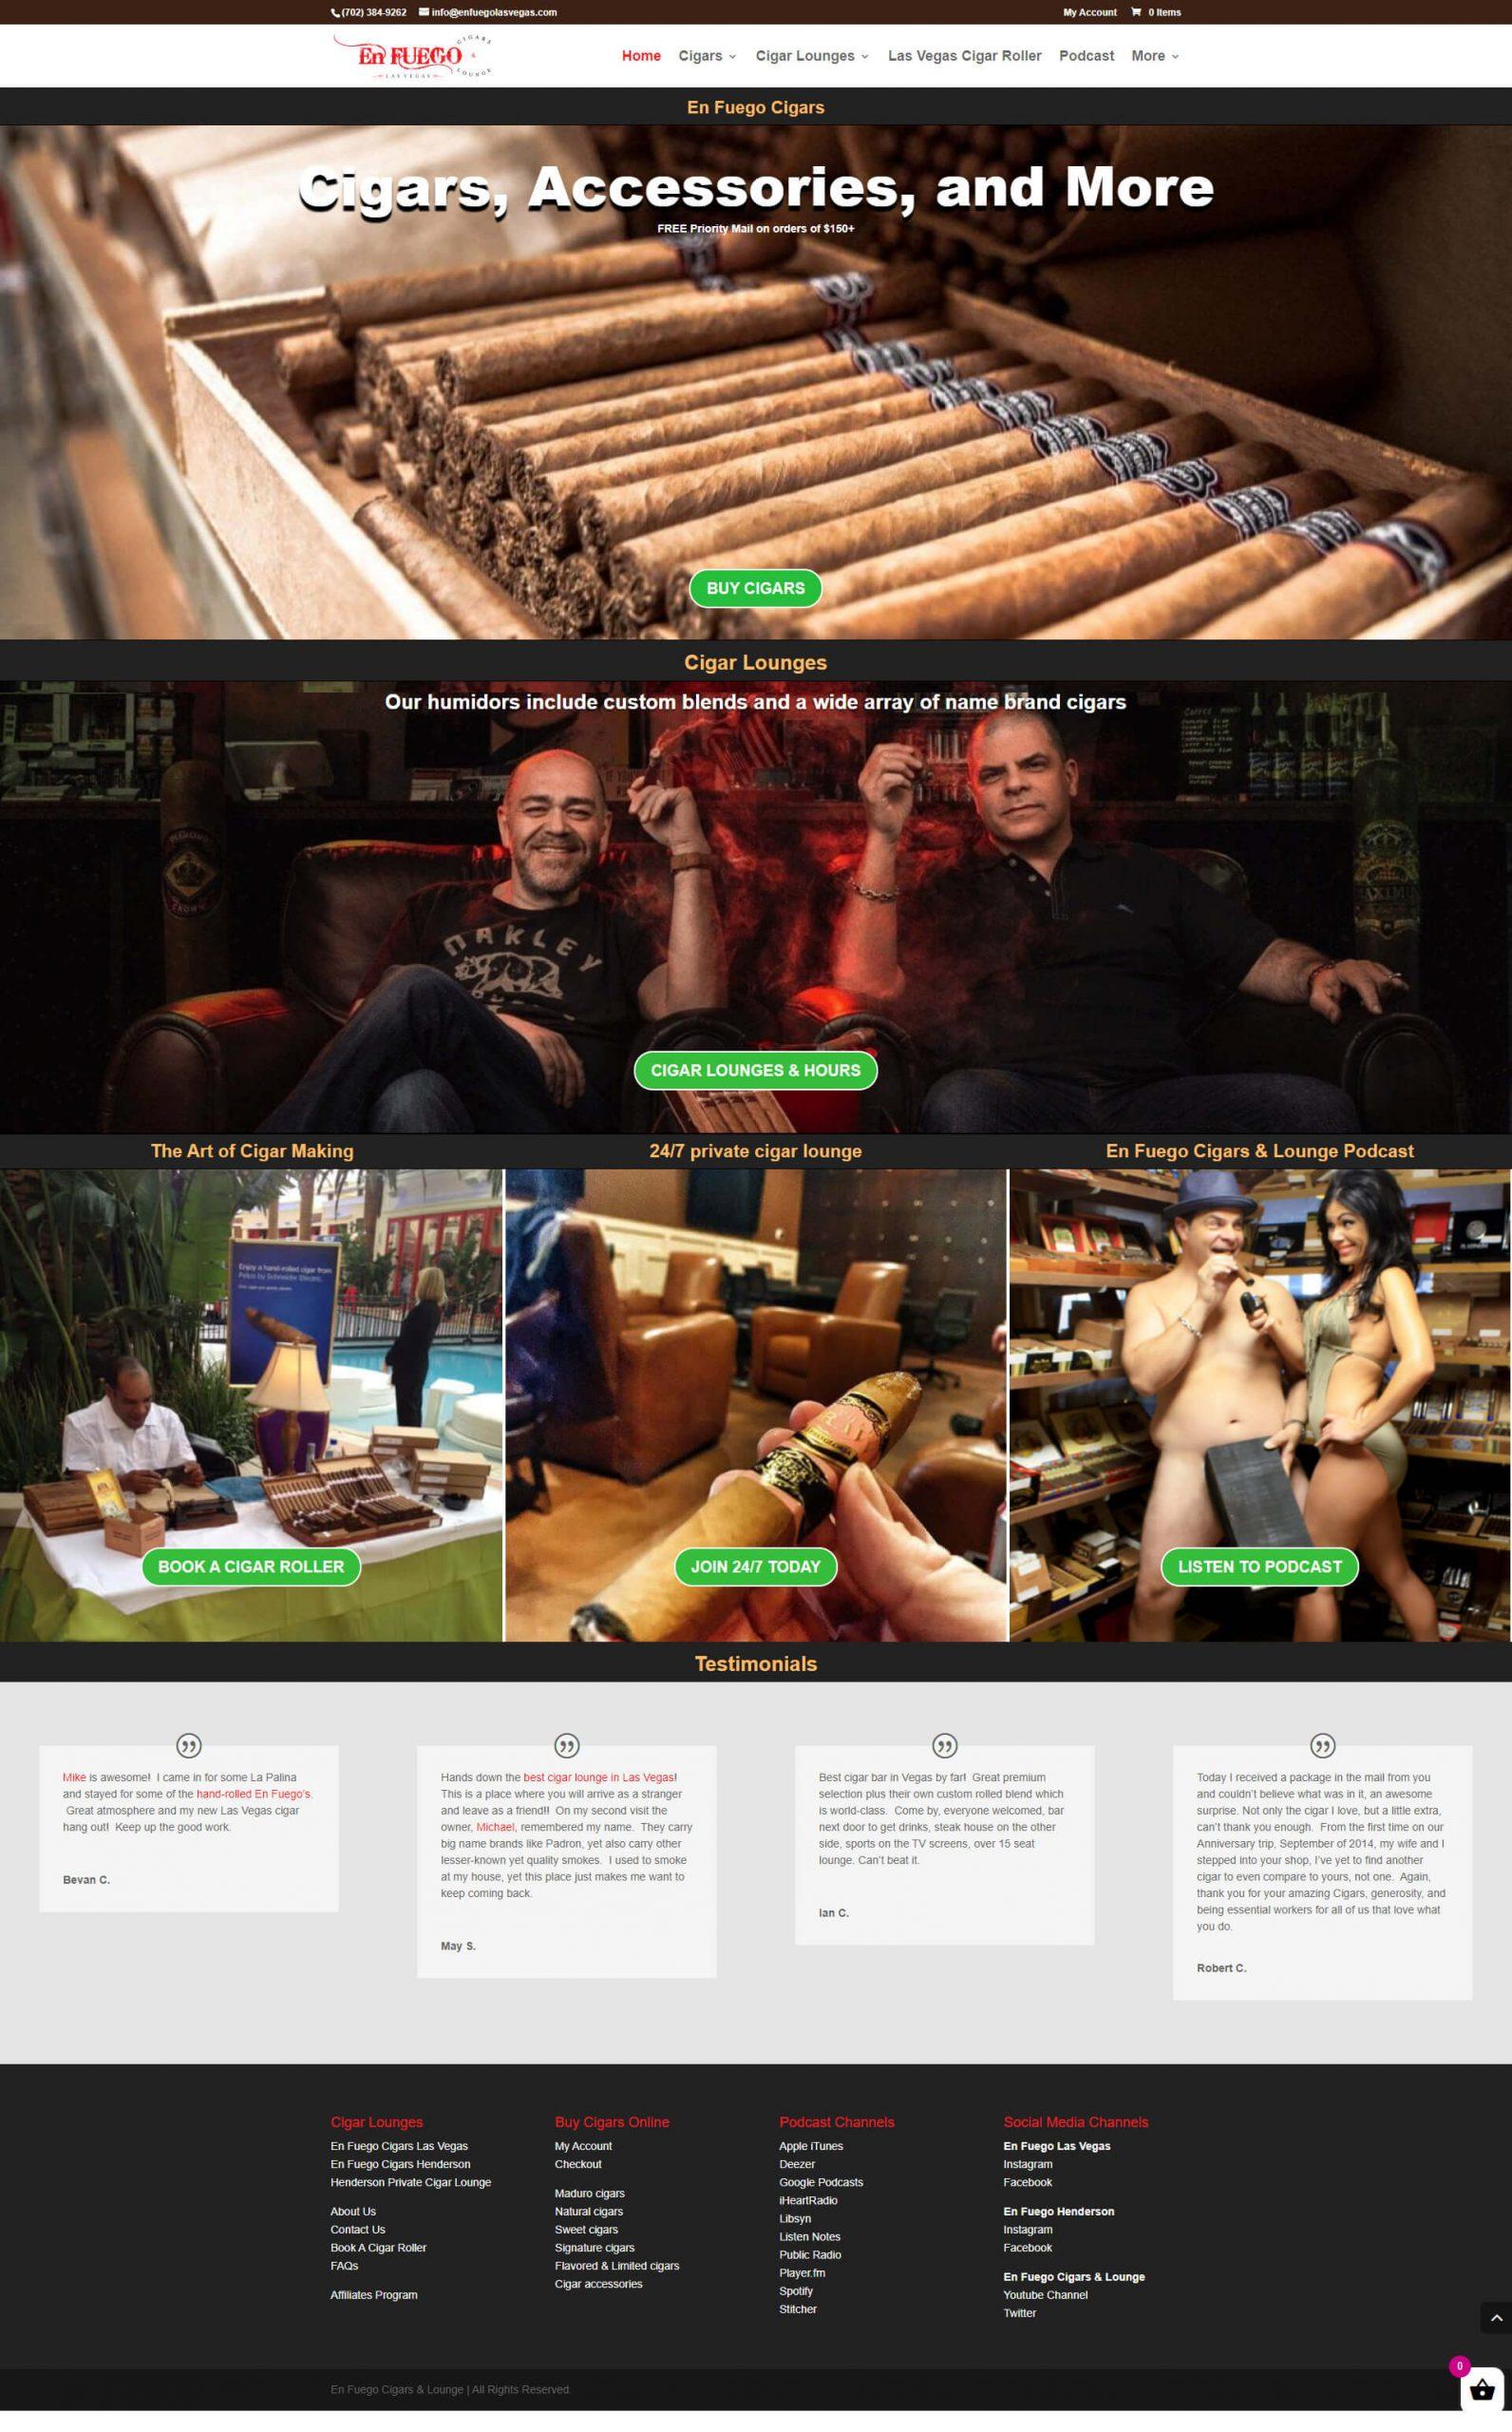 En Fuego Cigars & Lounge